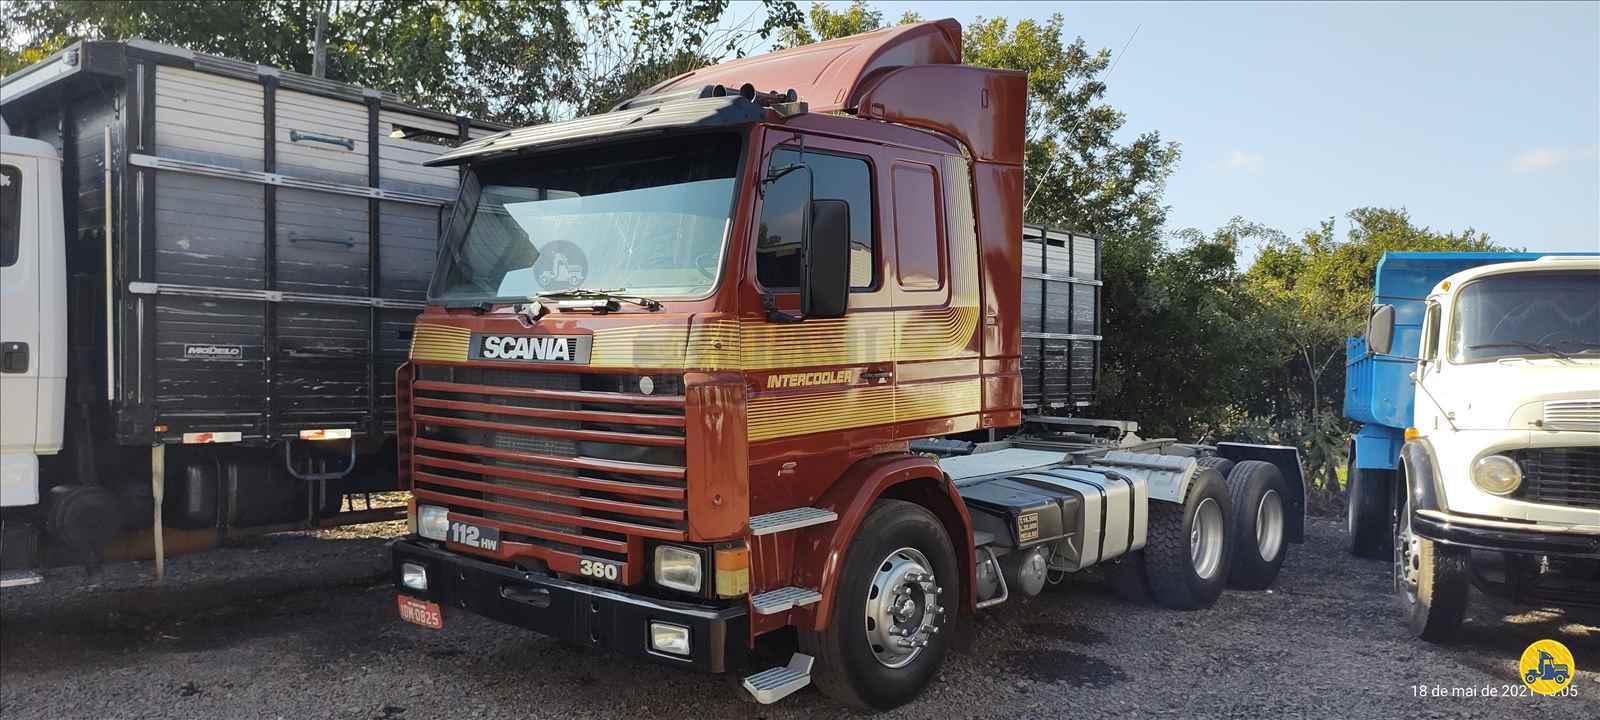 CAMINHAO SCANIA SCANIA 112 360 Cavalo Mecânico Truck 6x2 Brasil Sul Caminhões PORTAO RIO GRANDE DO SUL RS